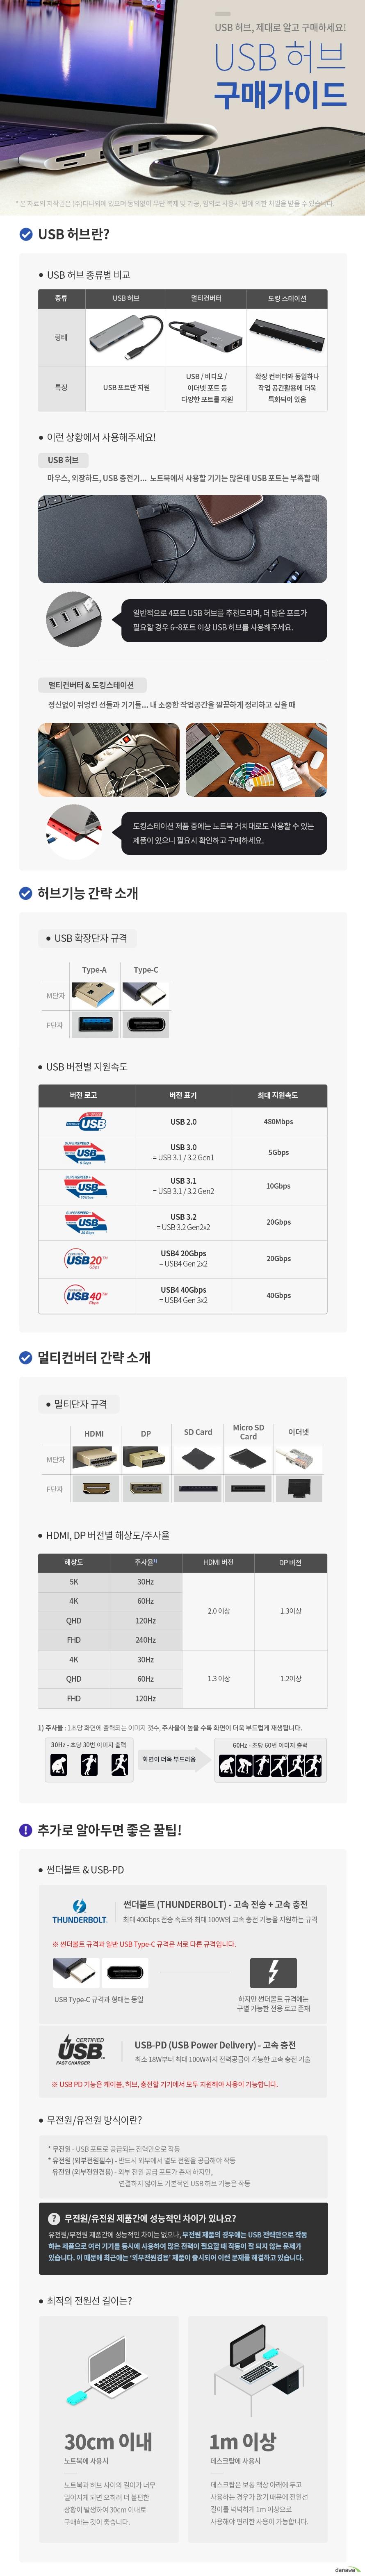 라이트컴 COMS CL518 (3포트/USB 3.0 Type C)